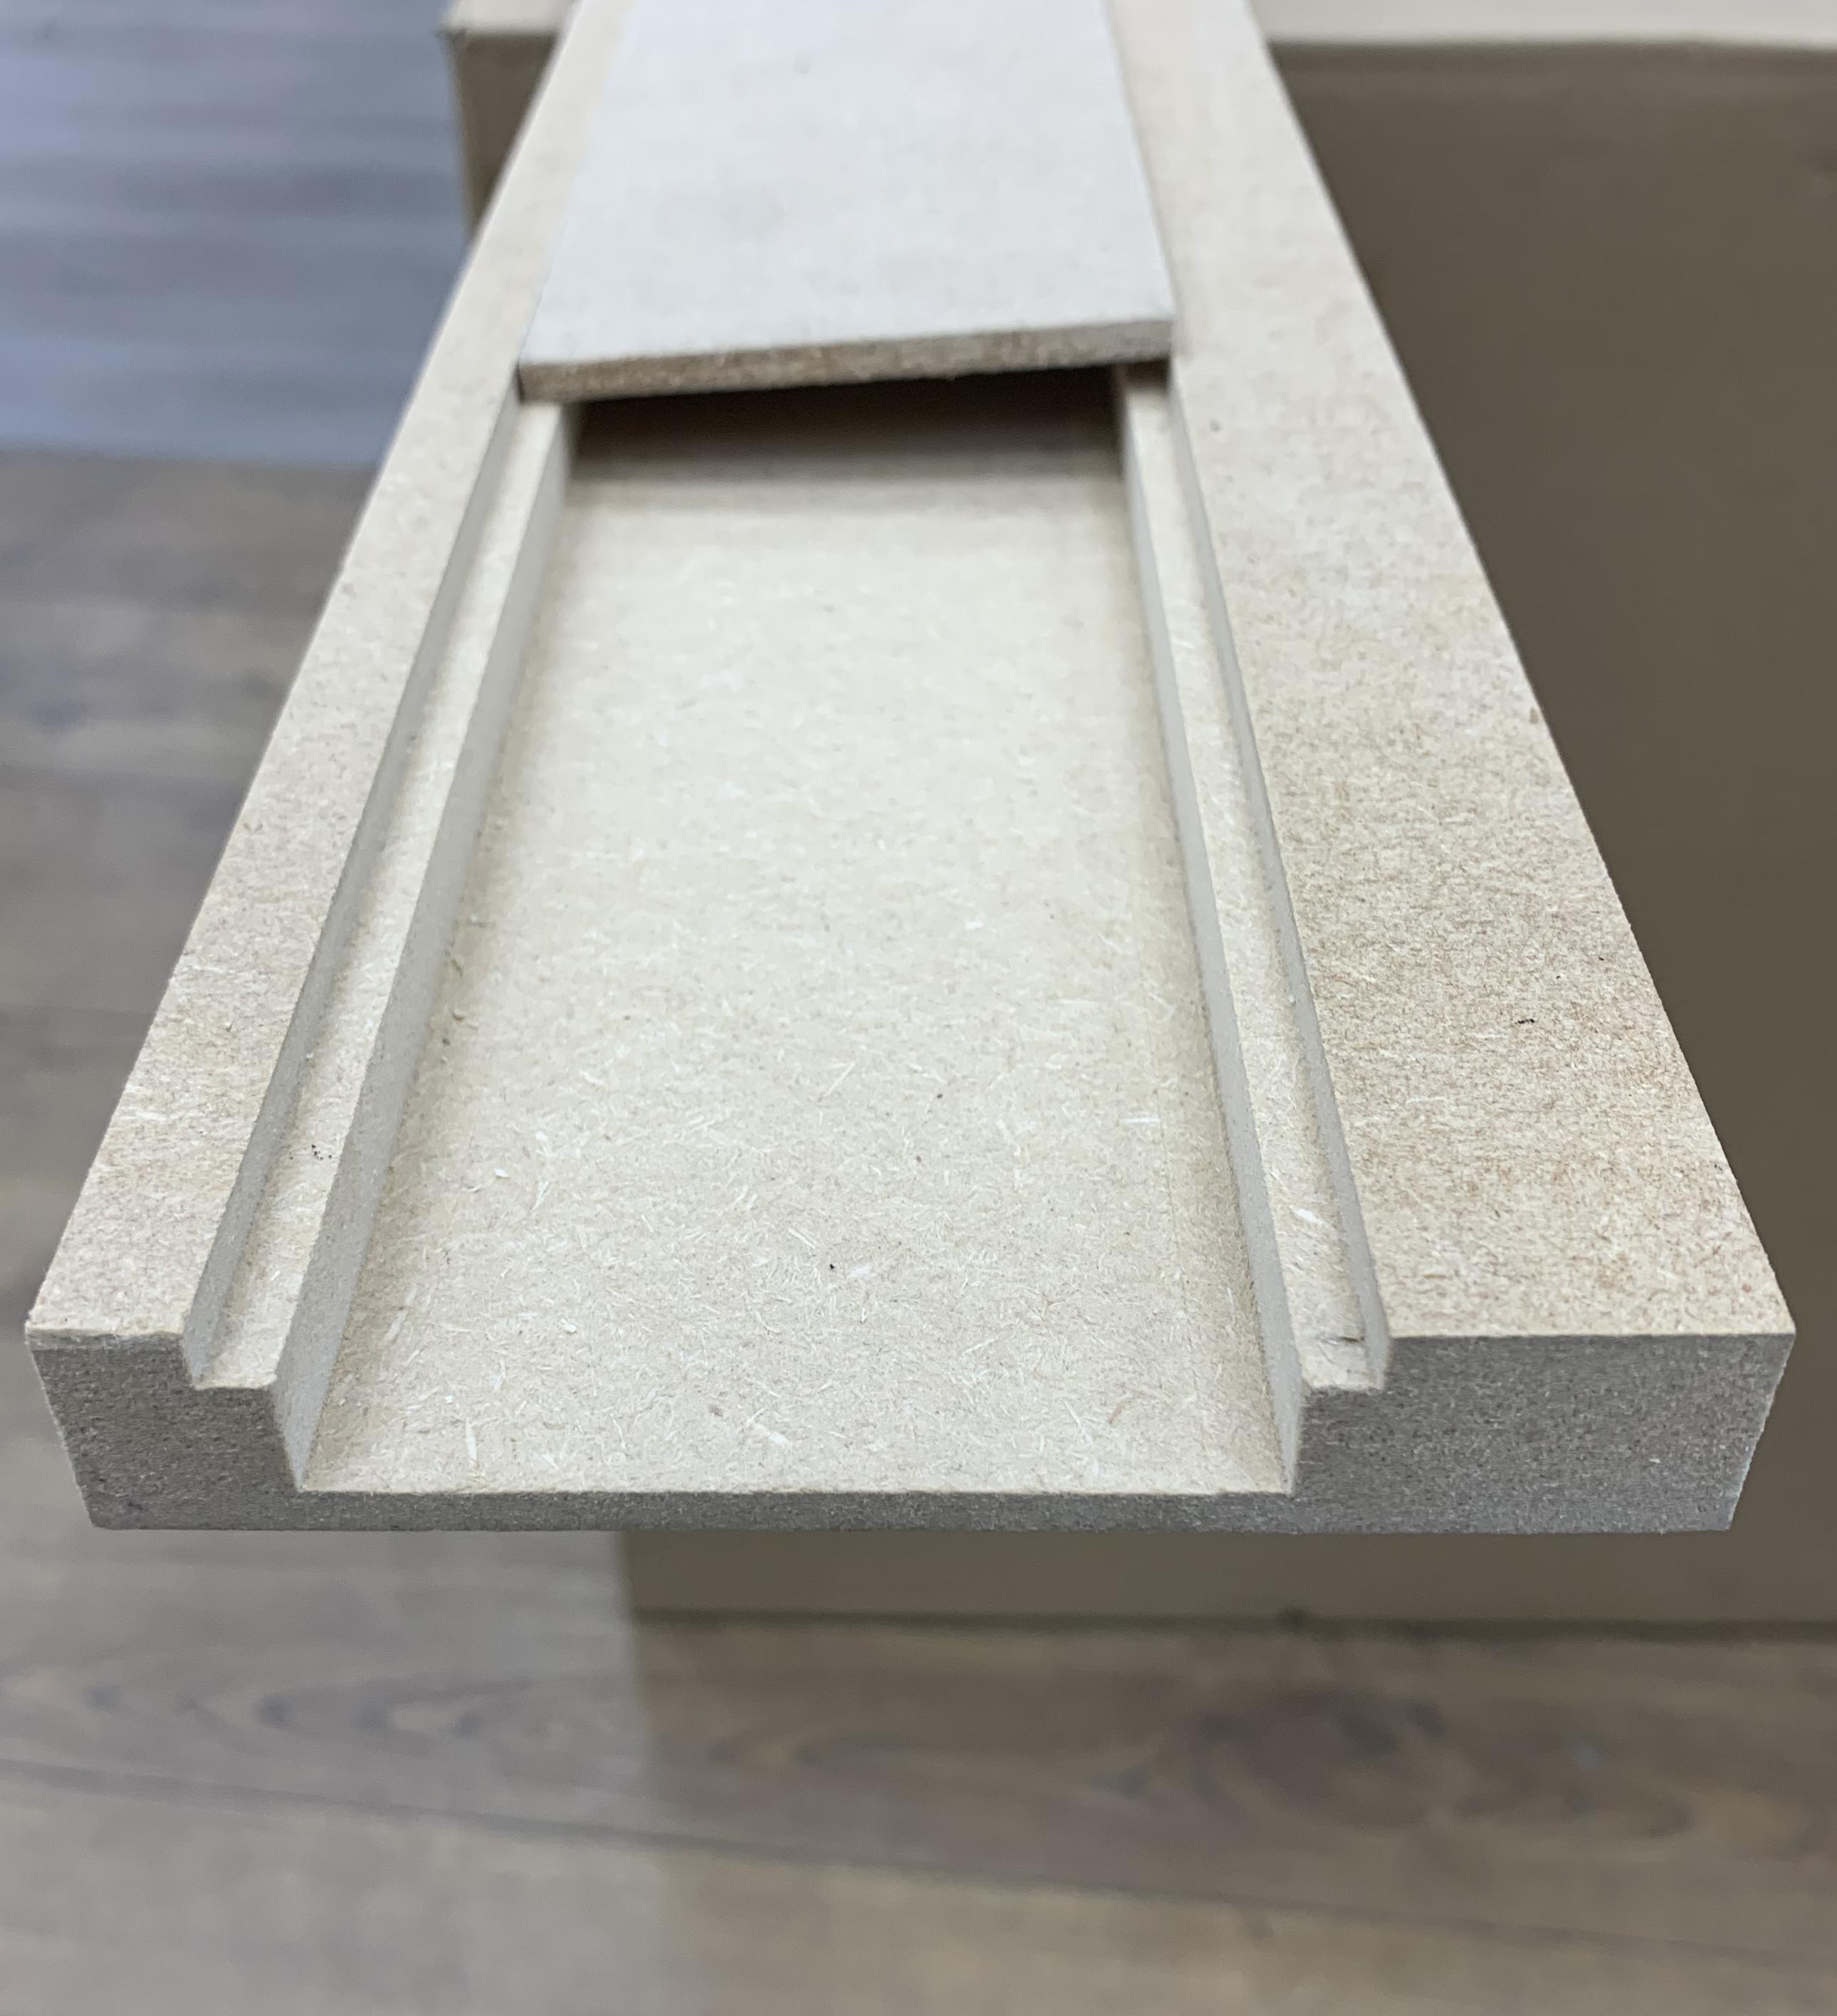 Plinthe de haute qualite - Plinthe electrique dinachoc passe cable mdf brut19x110x2430mm